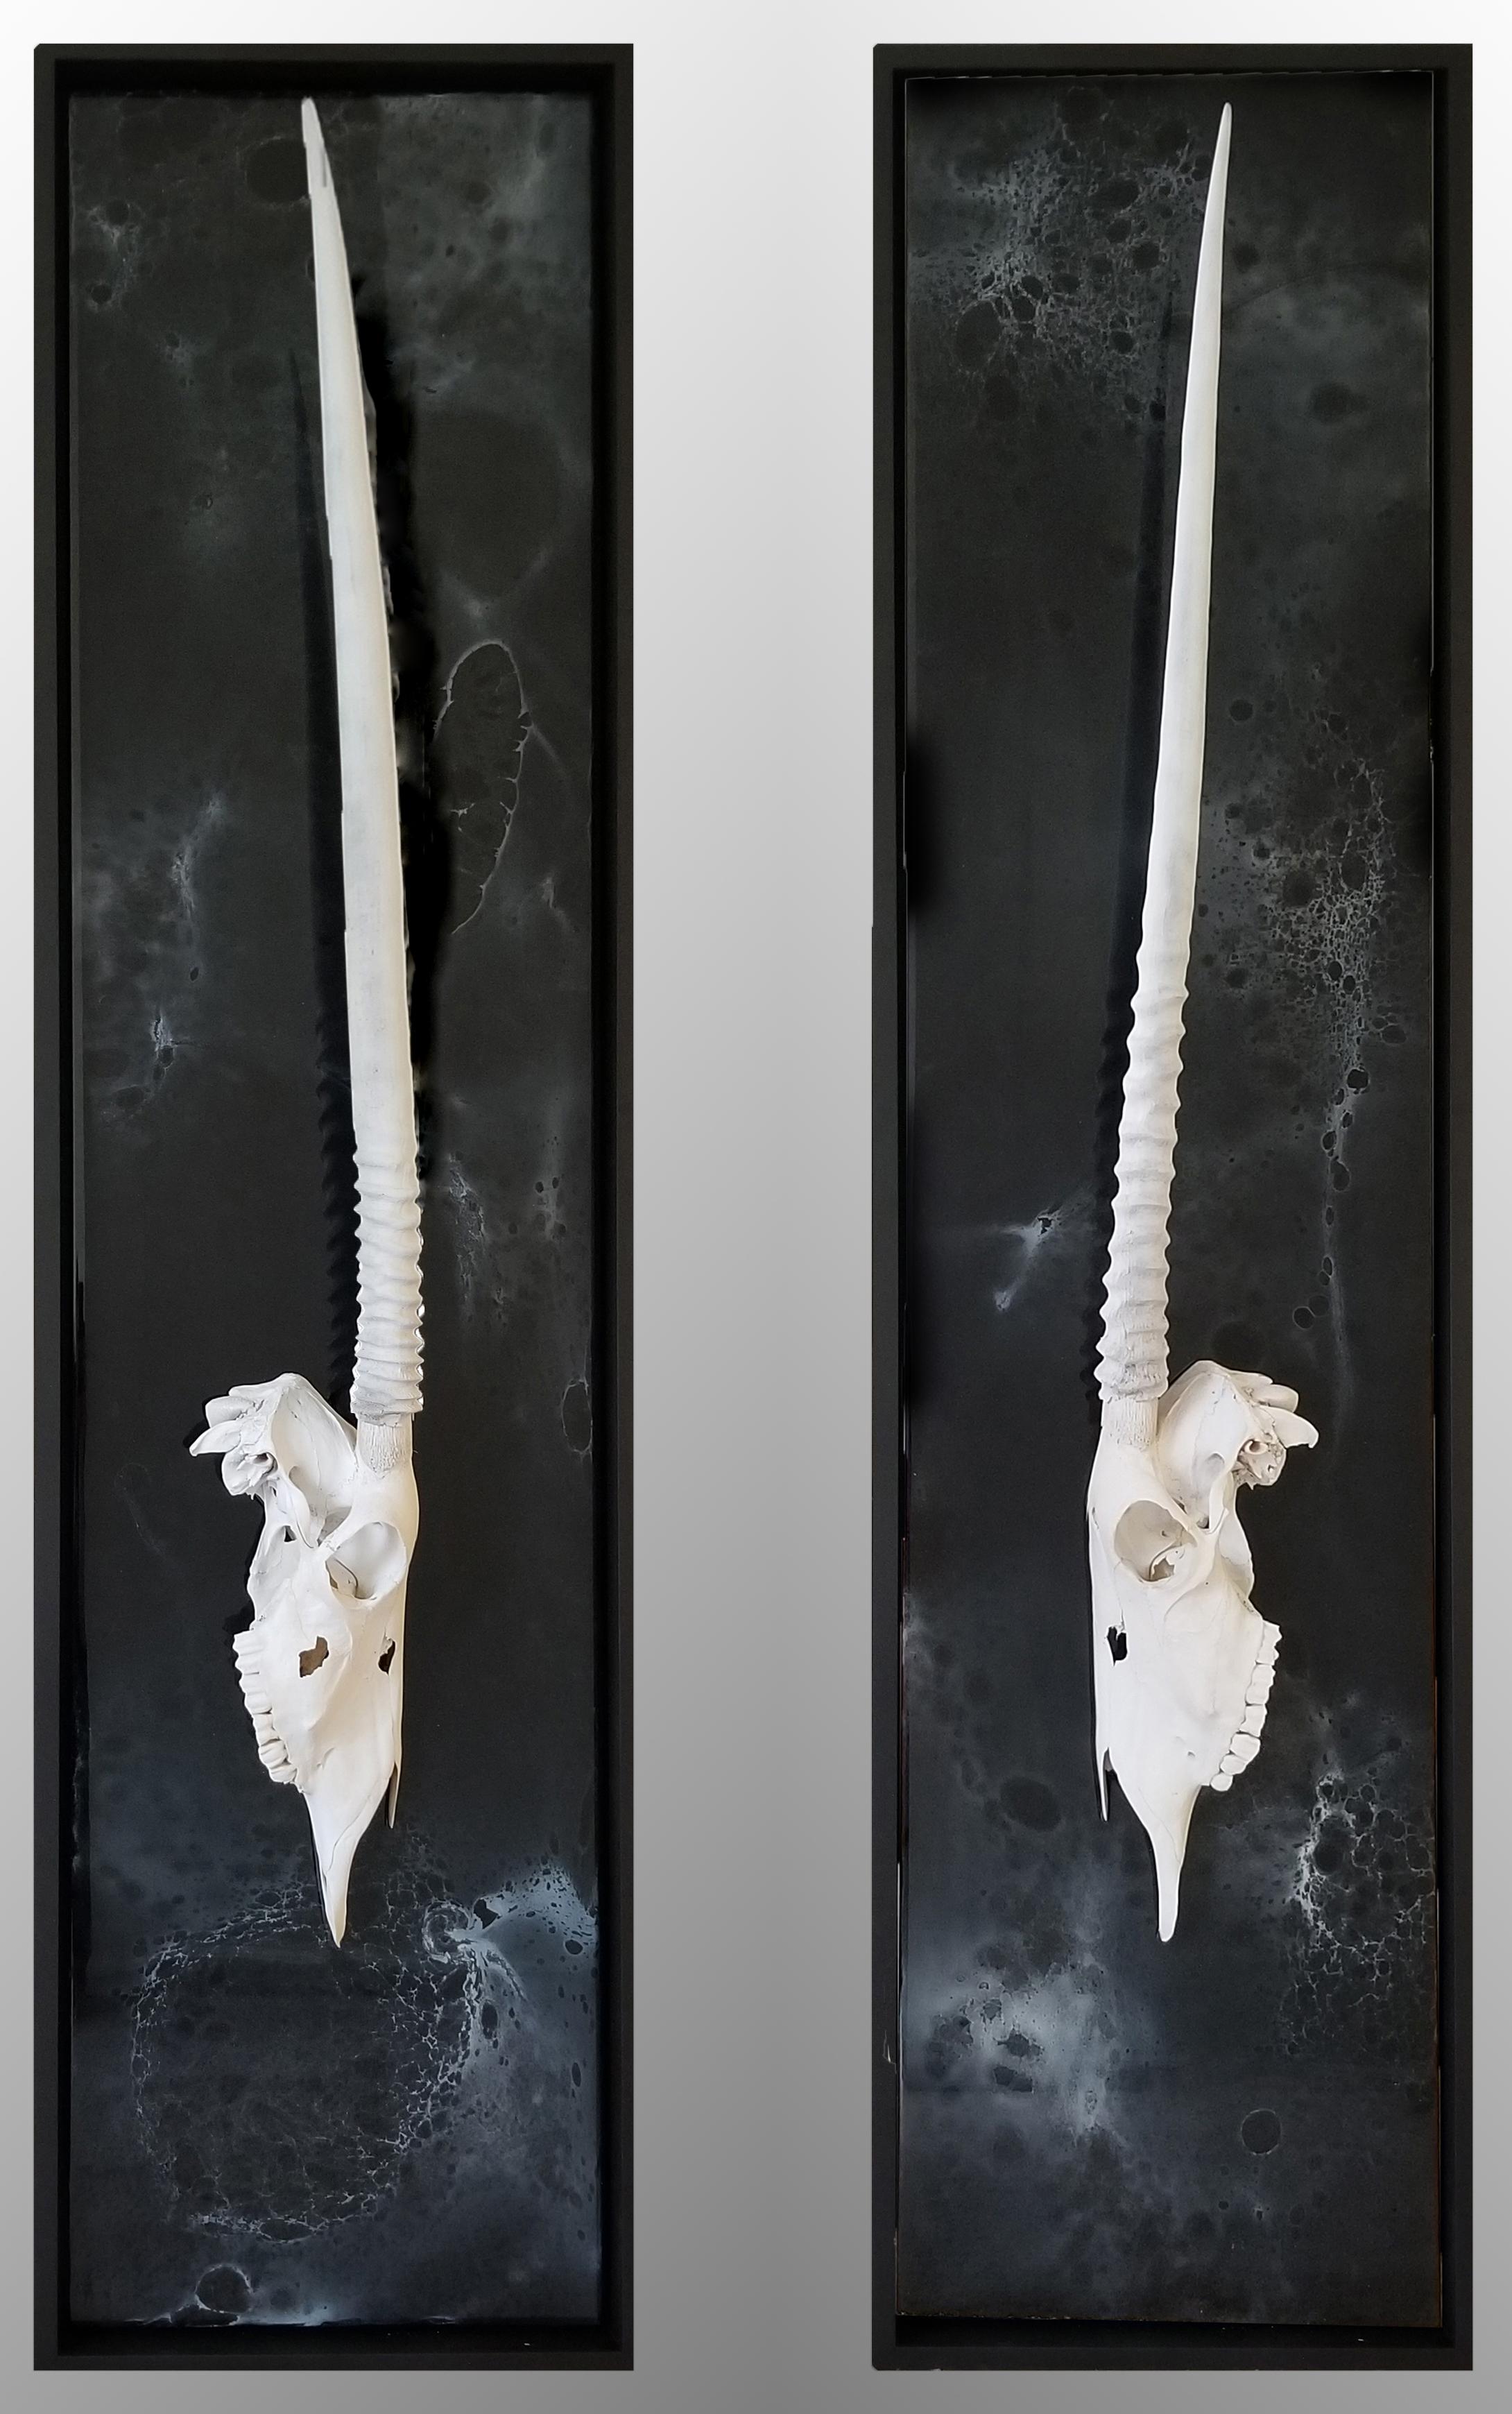 Mirrored Gemsbok